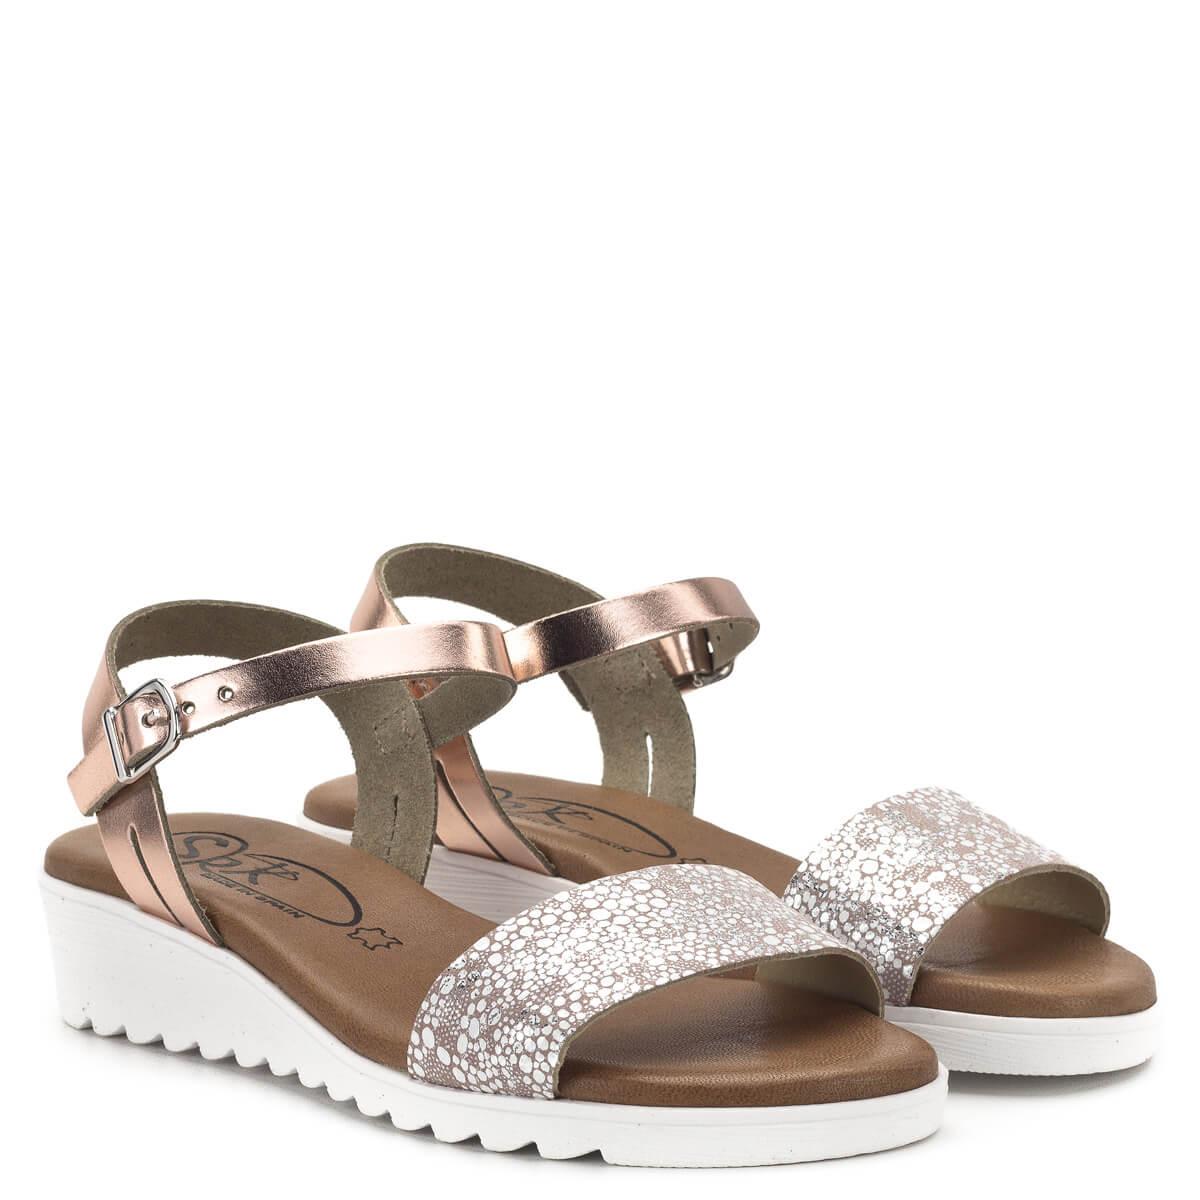 6941518a74ee 38-as női cipők - Márkás cipők online, házhoz szállítva